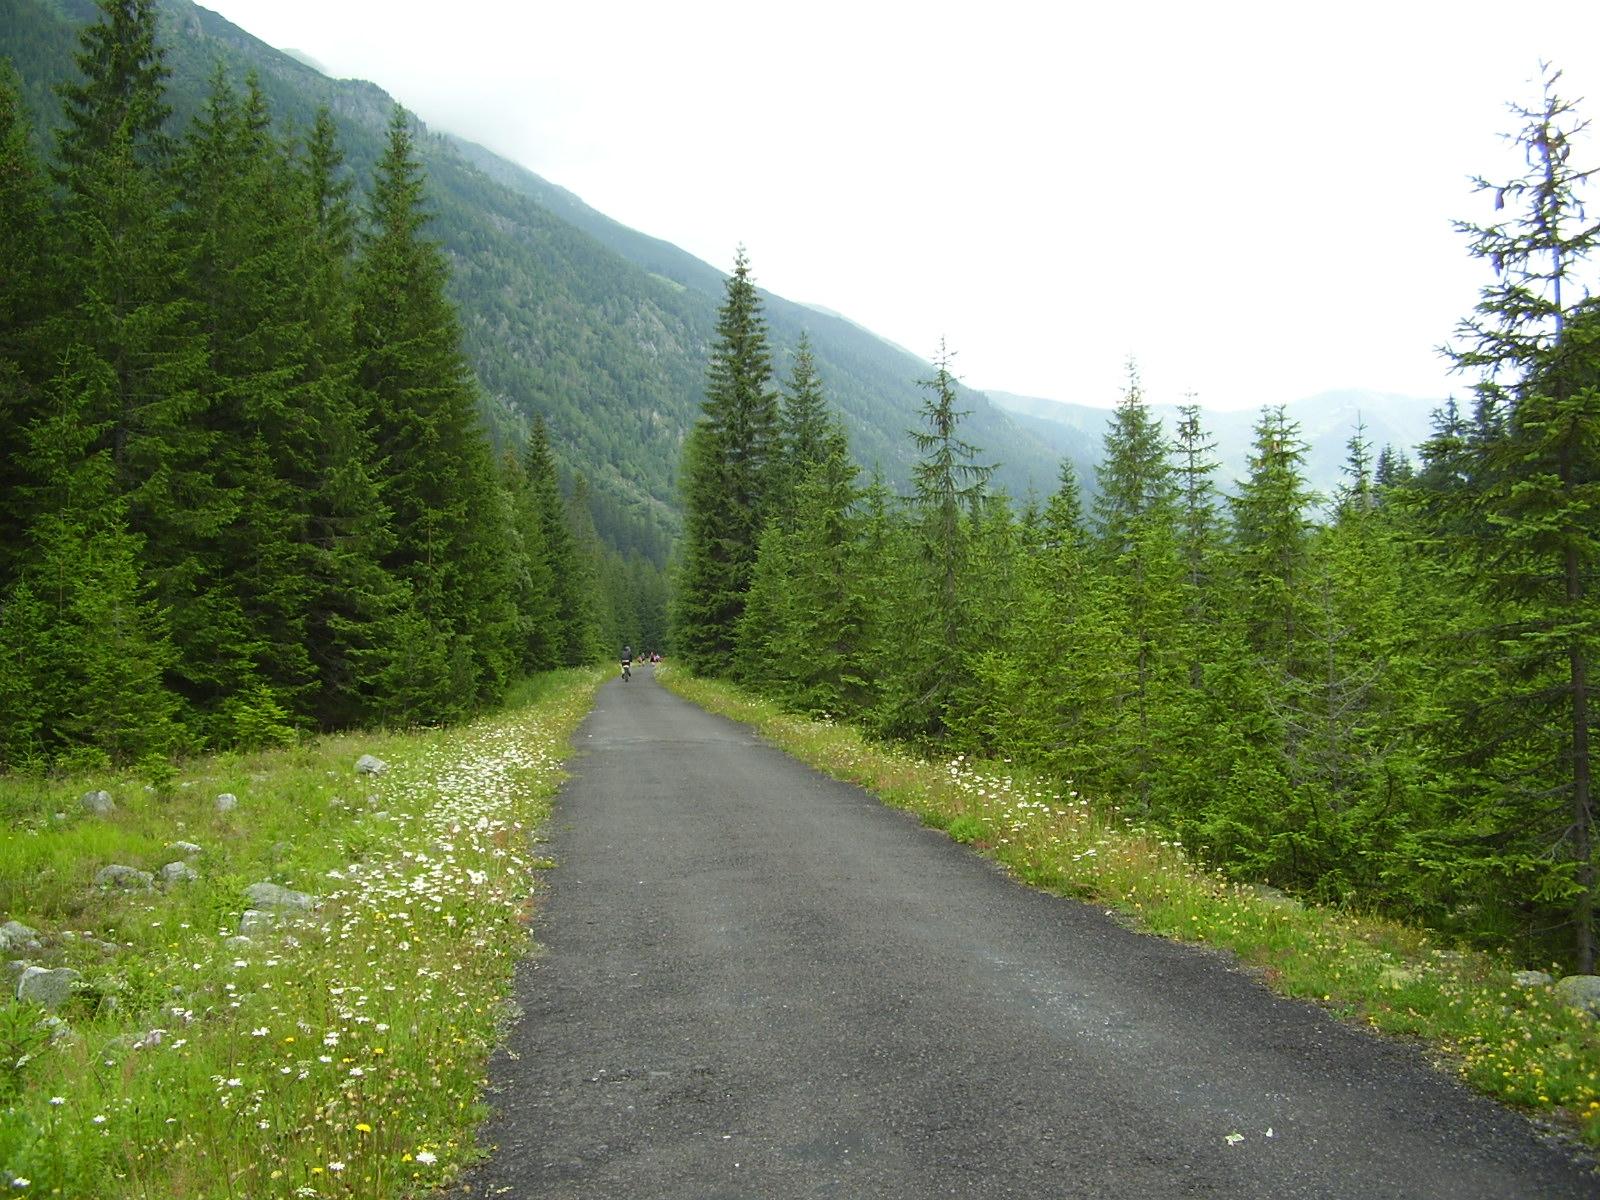 Koprova dolina, Vysoke Tatry